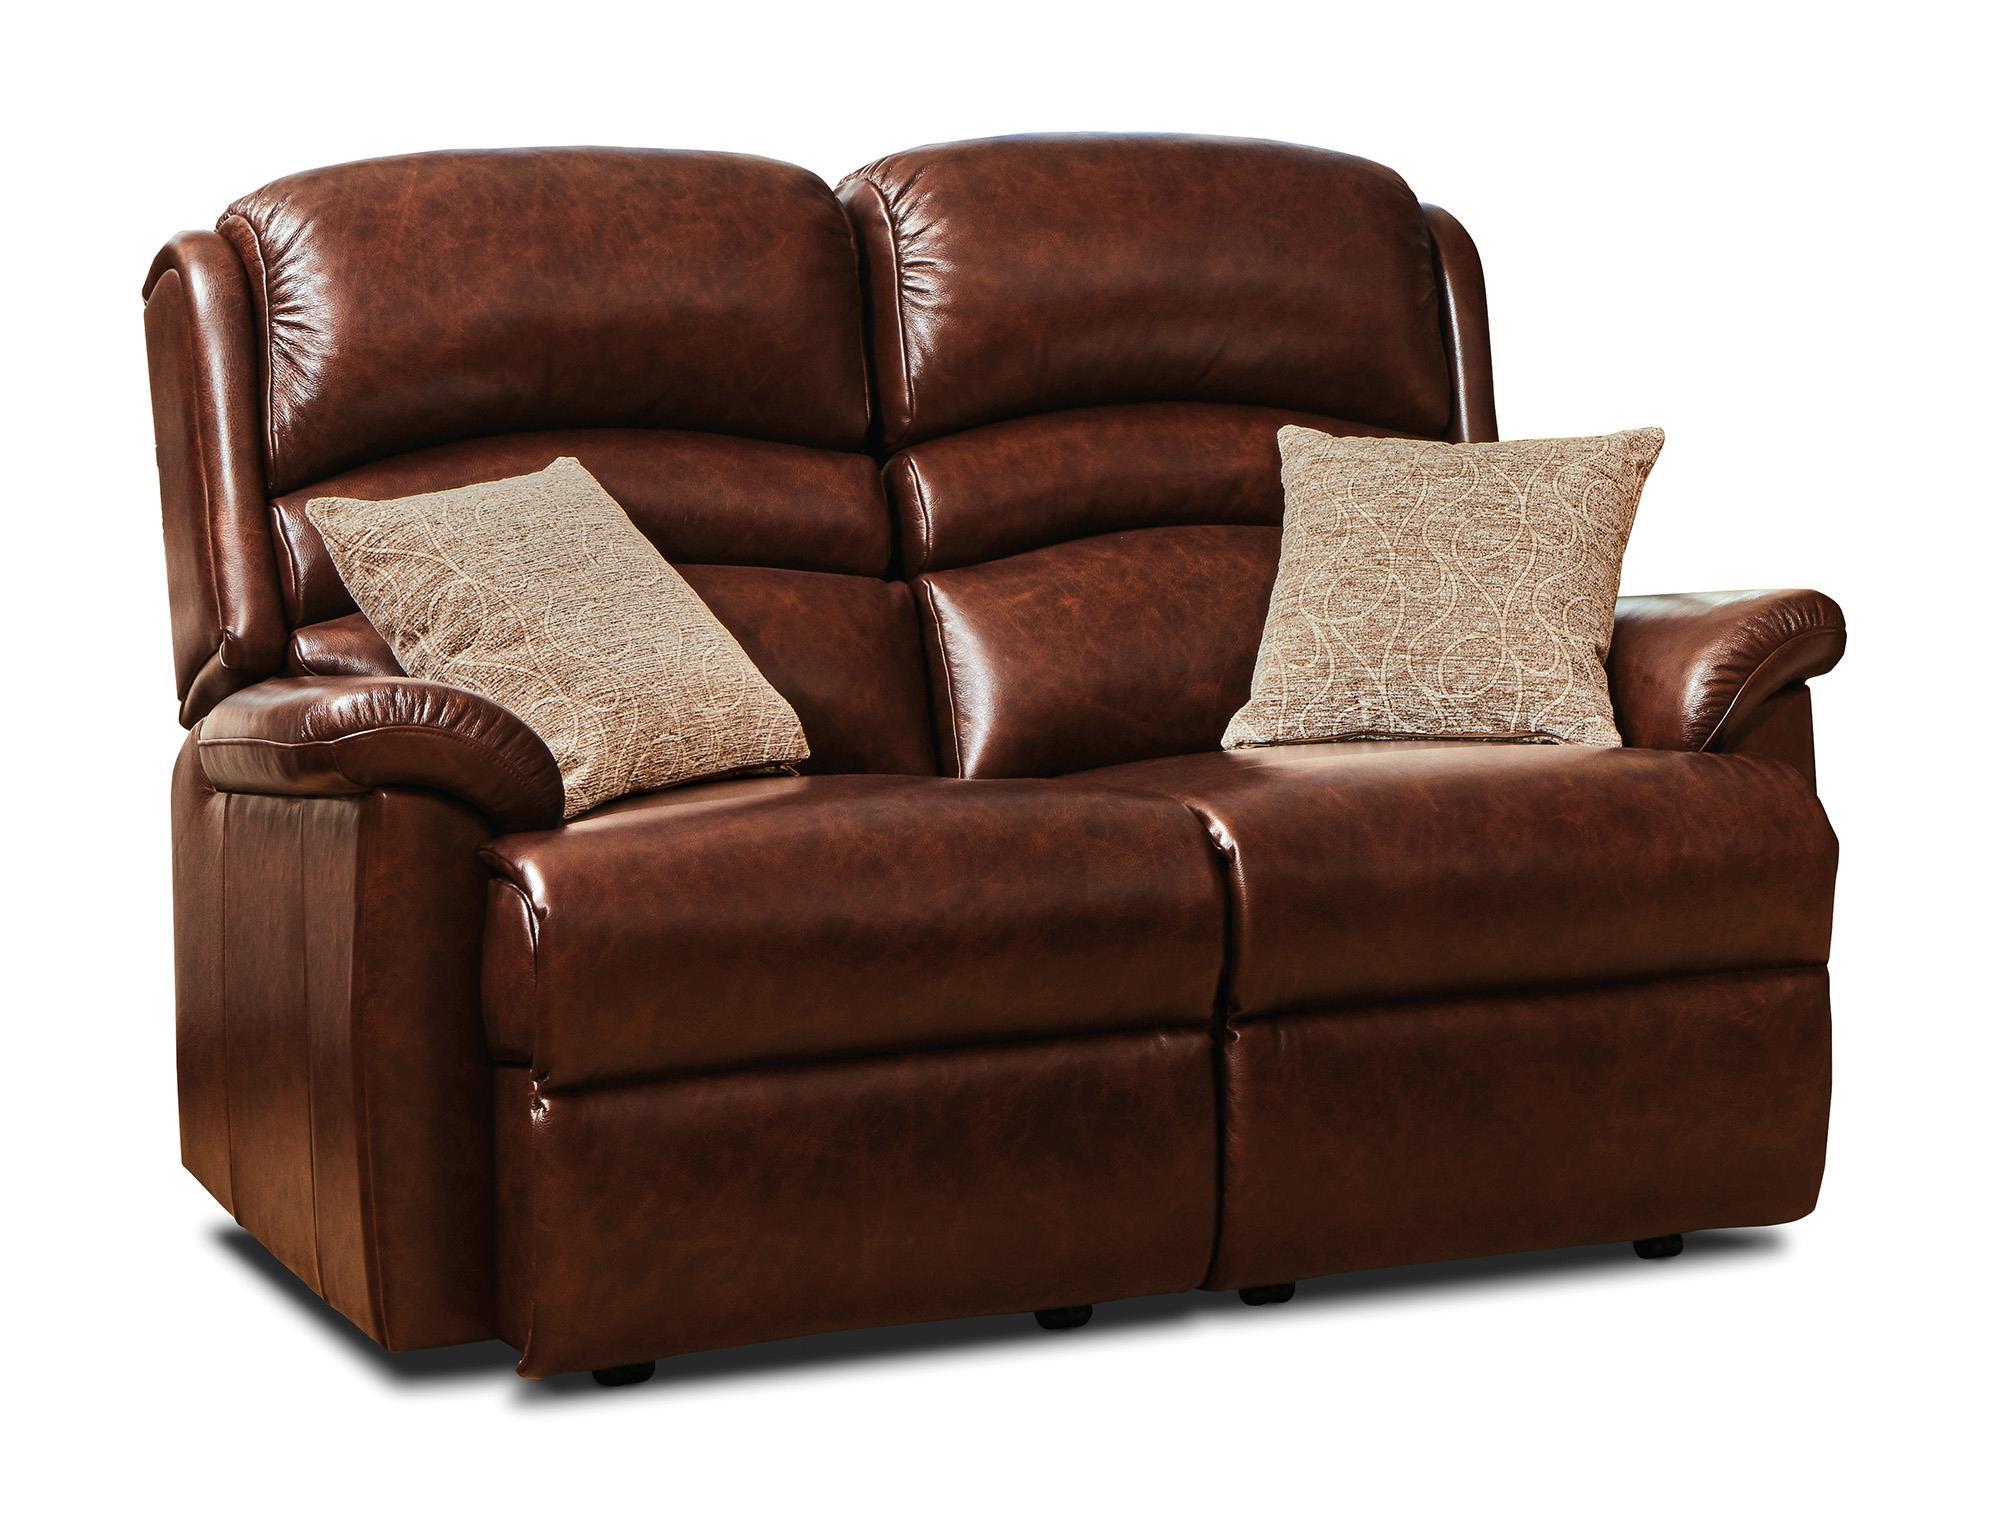 OLIVIA - 2 Seater Leather Settee